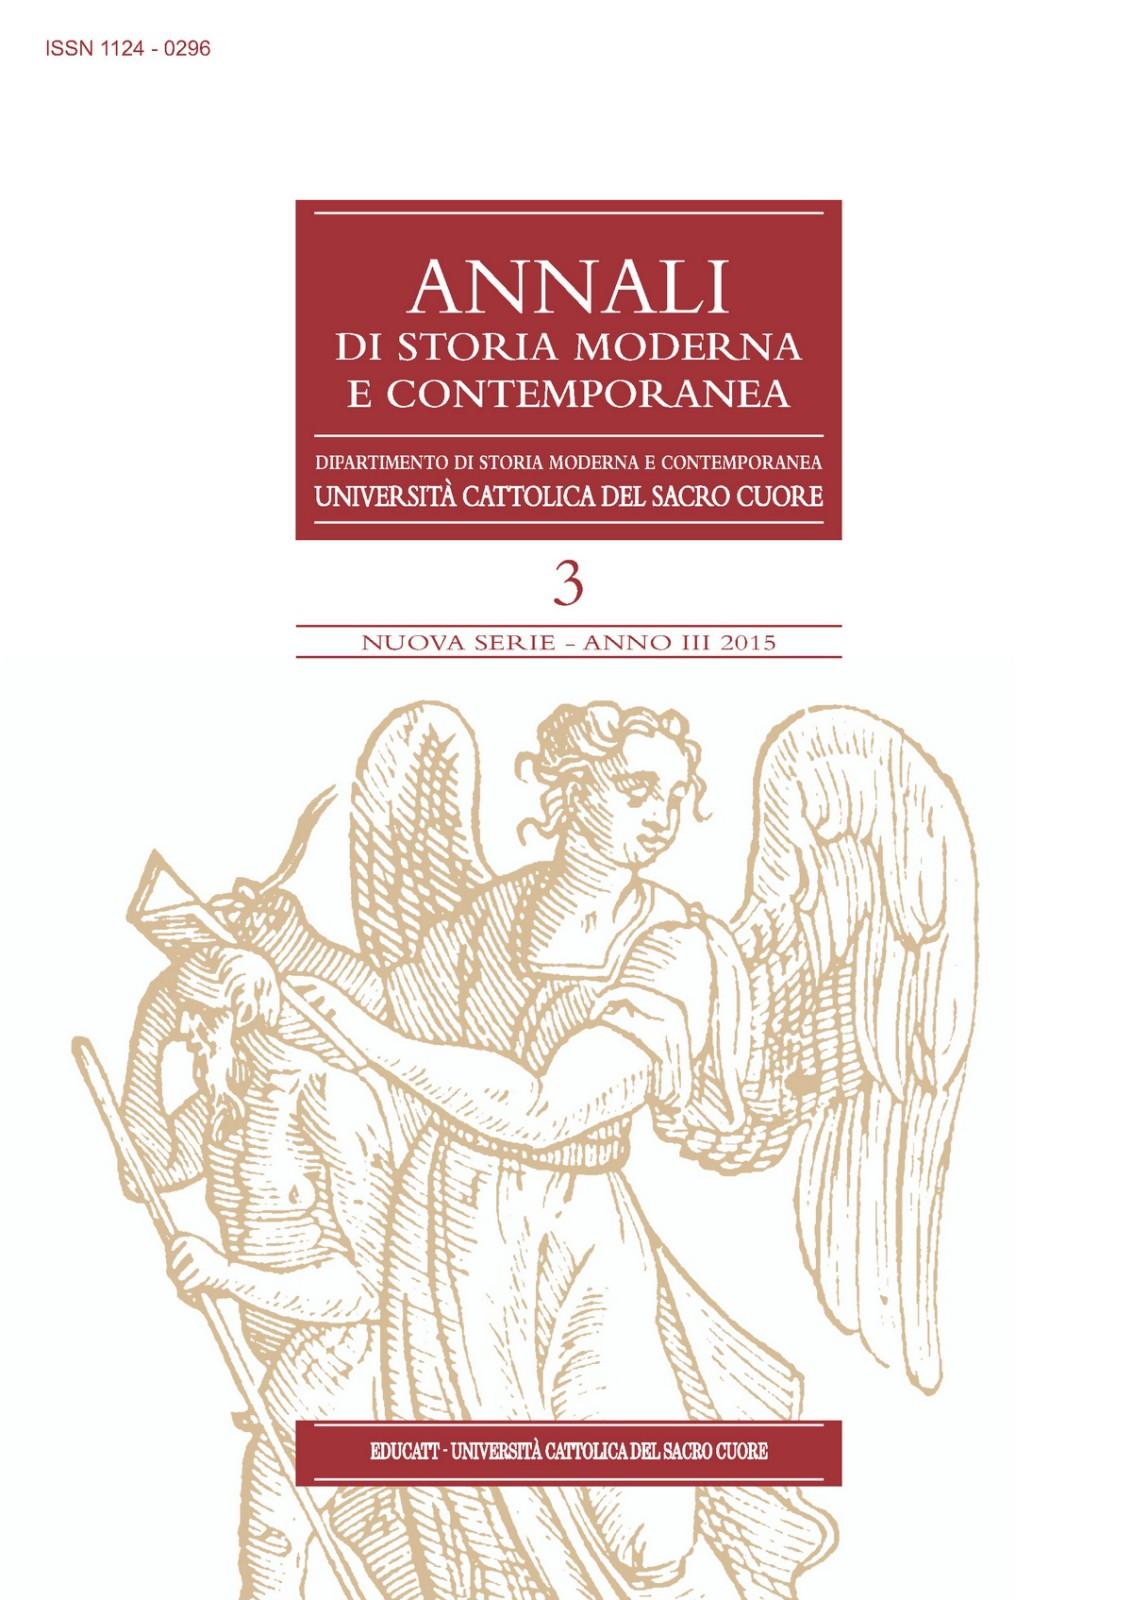 ANNALI DI STORIA MODERNA E CONTEMPORANEA 2015/3